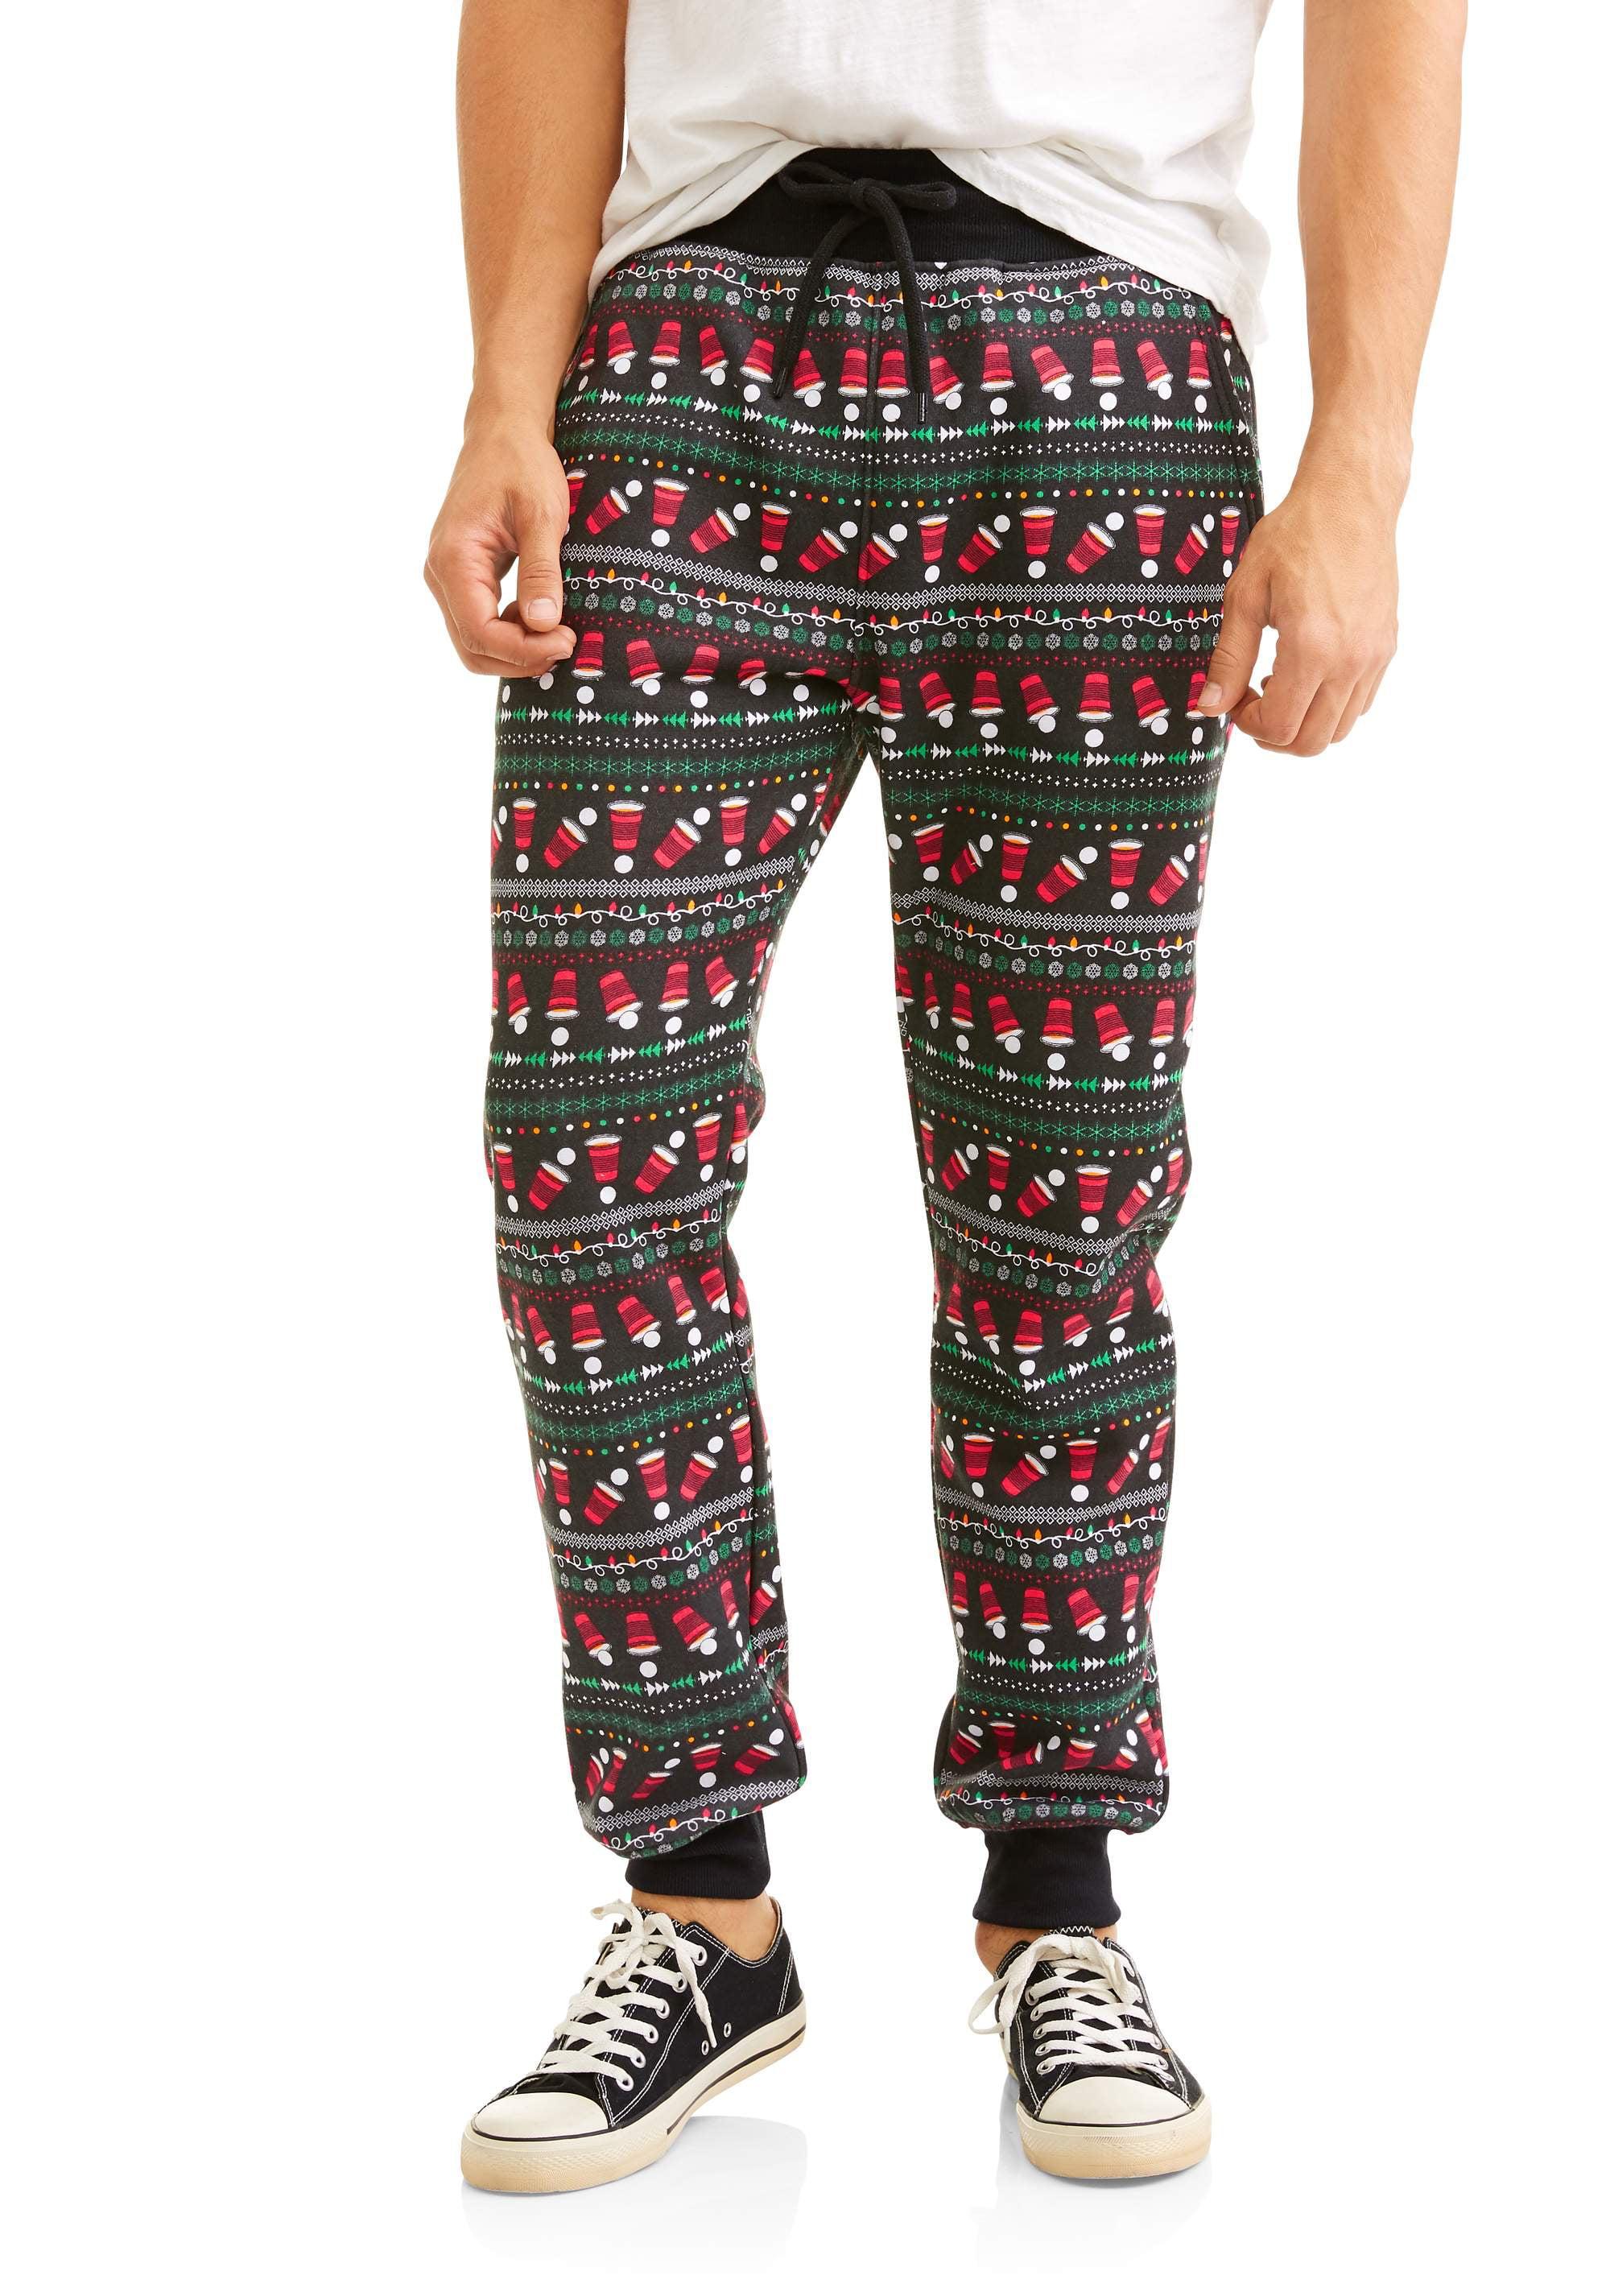 Holiday Mens Beer Pong Print Ugly Christmas Joggers Stocking Ring 9919